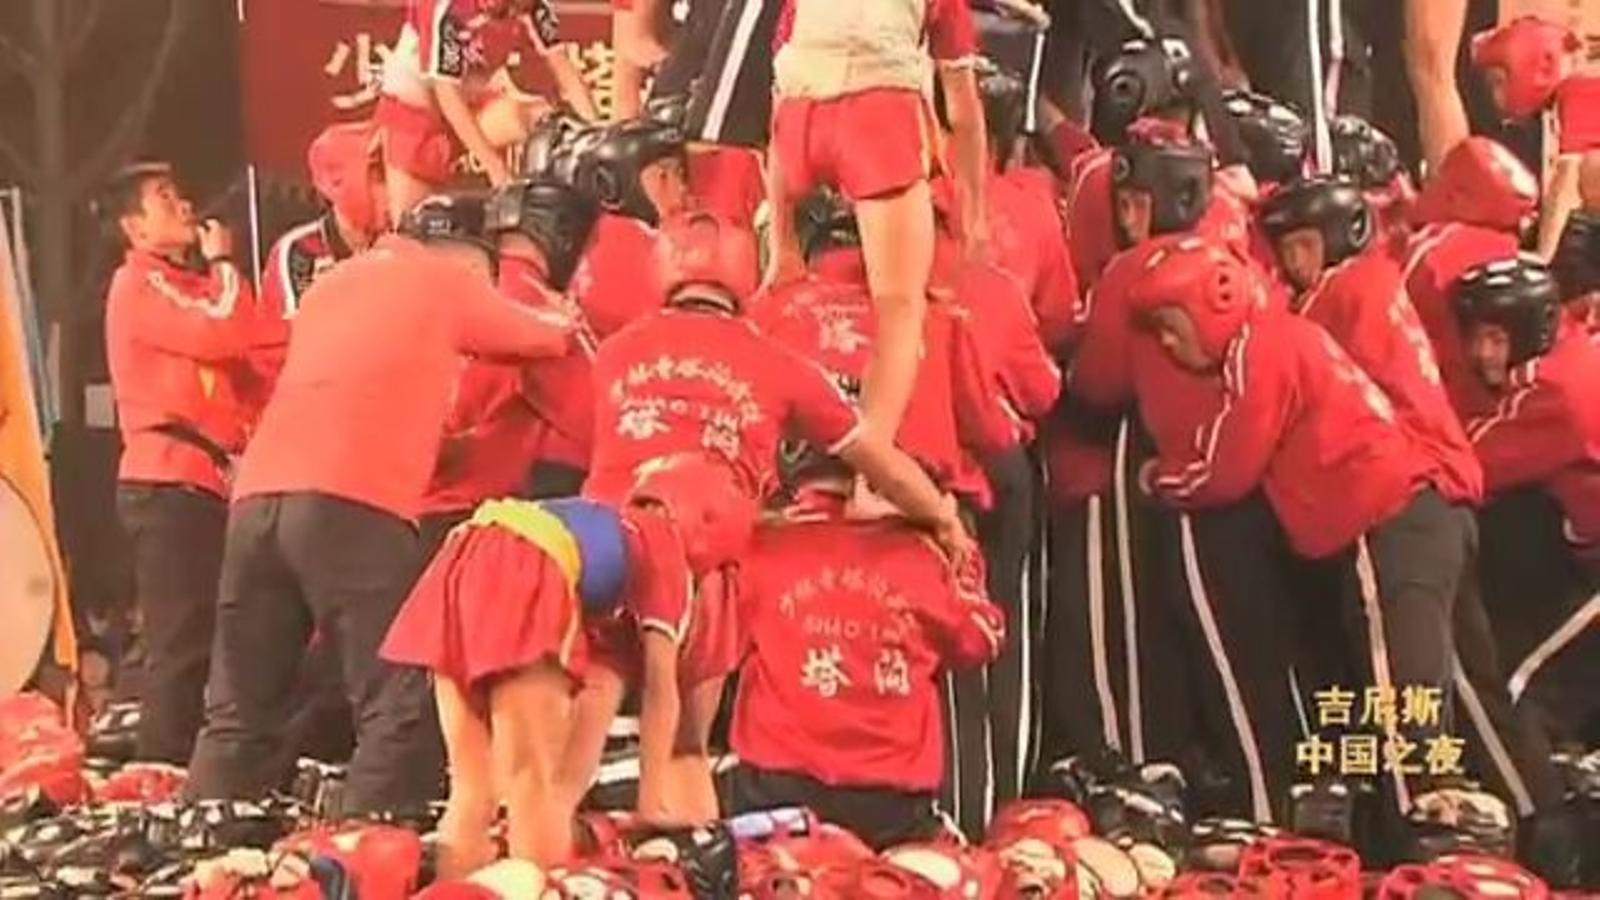 Intenten un 3 de 9 'suigeneris' per a una televisió xinesa